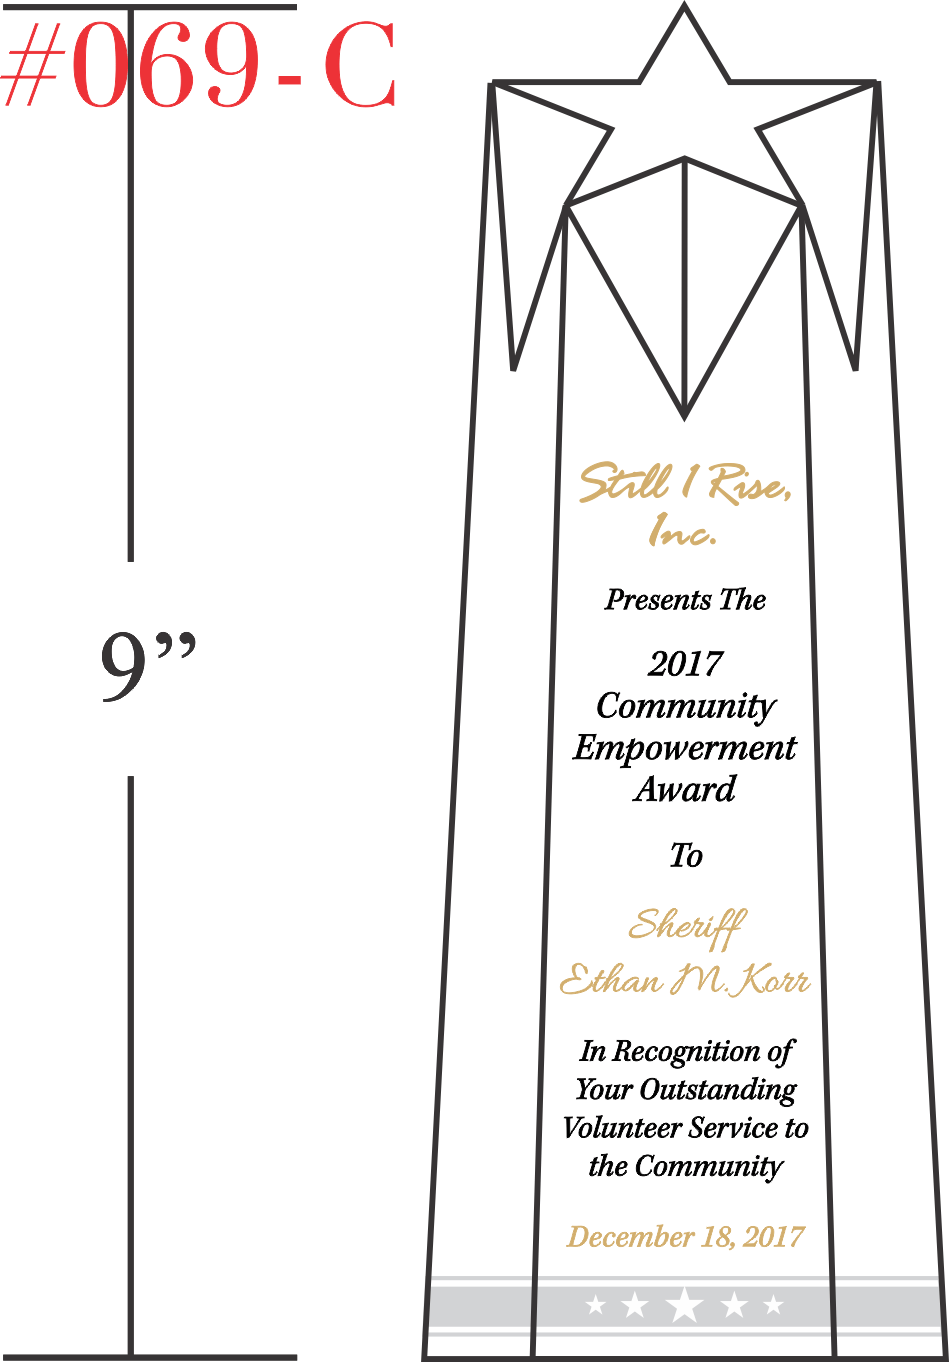 Community Empowerment Award